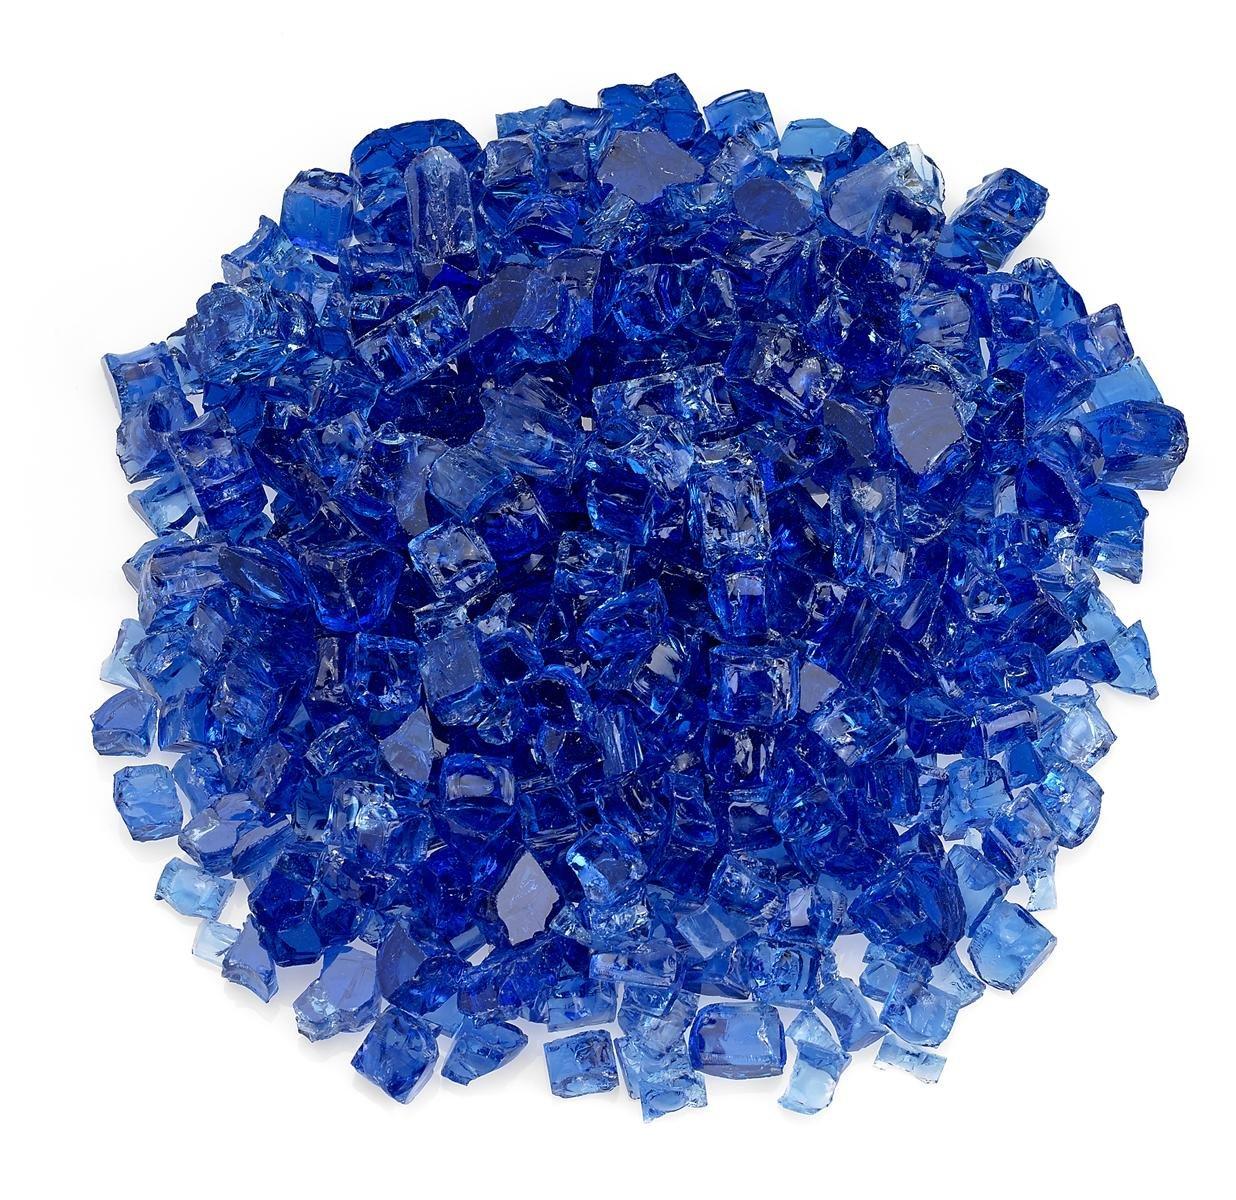 American Fireglass 1/2'' Cobalt Blue Fire Glass, 55 lb. Bag